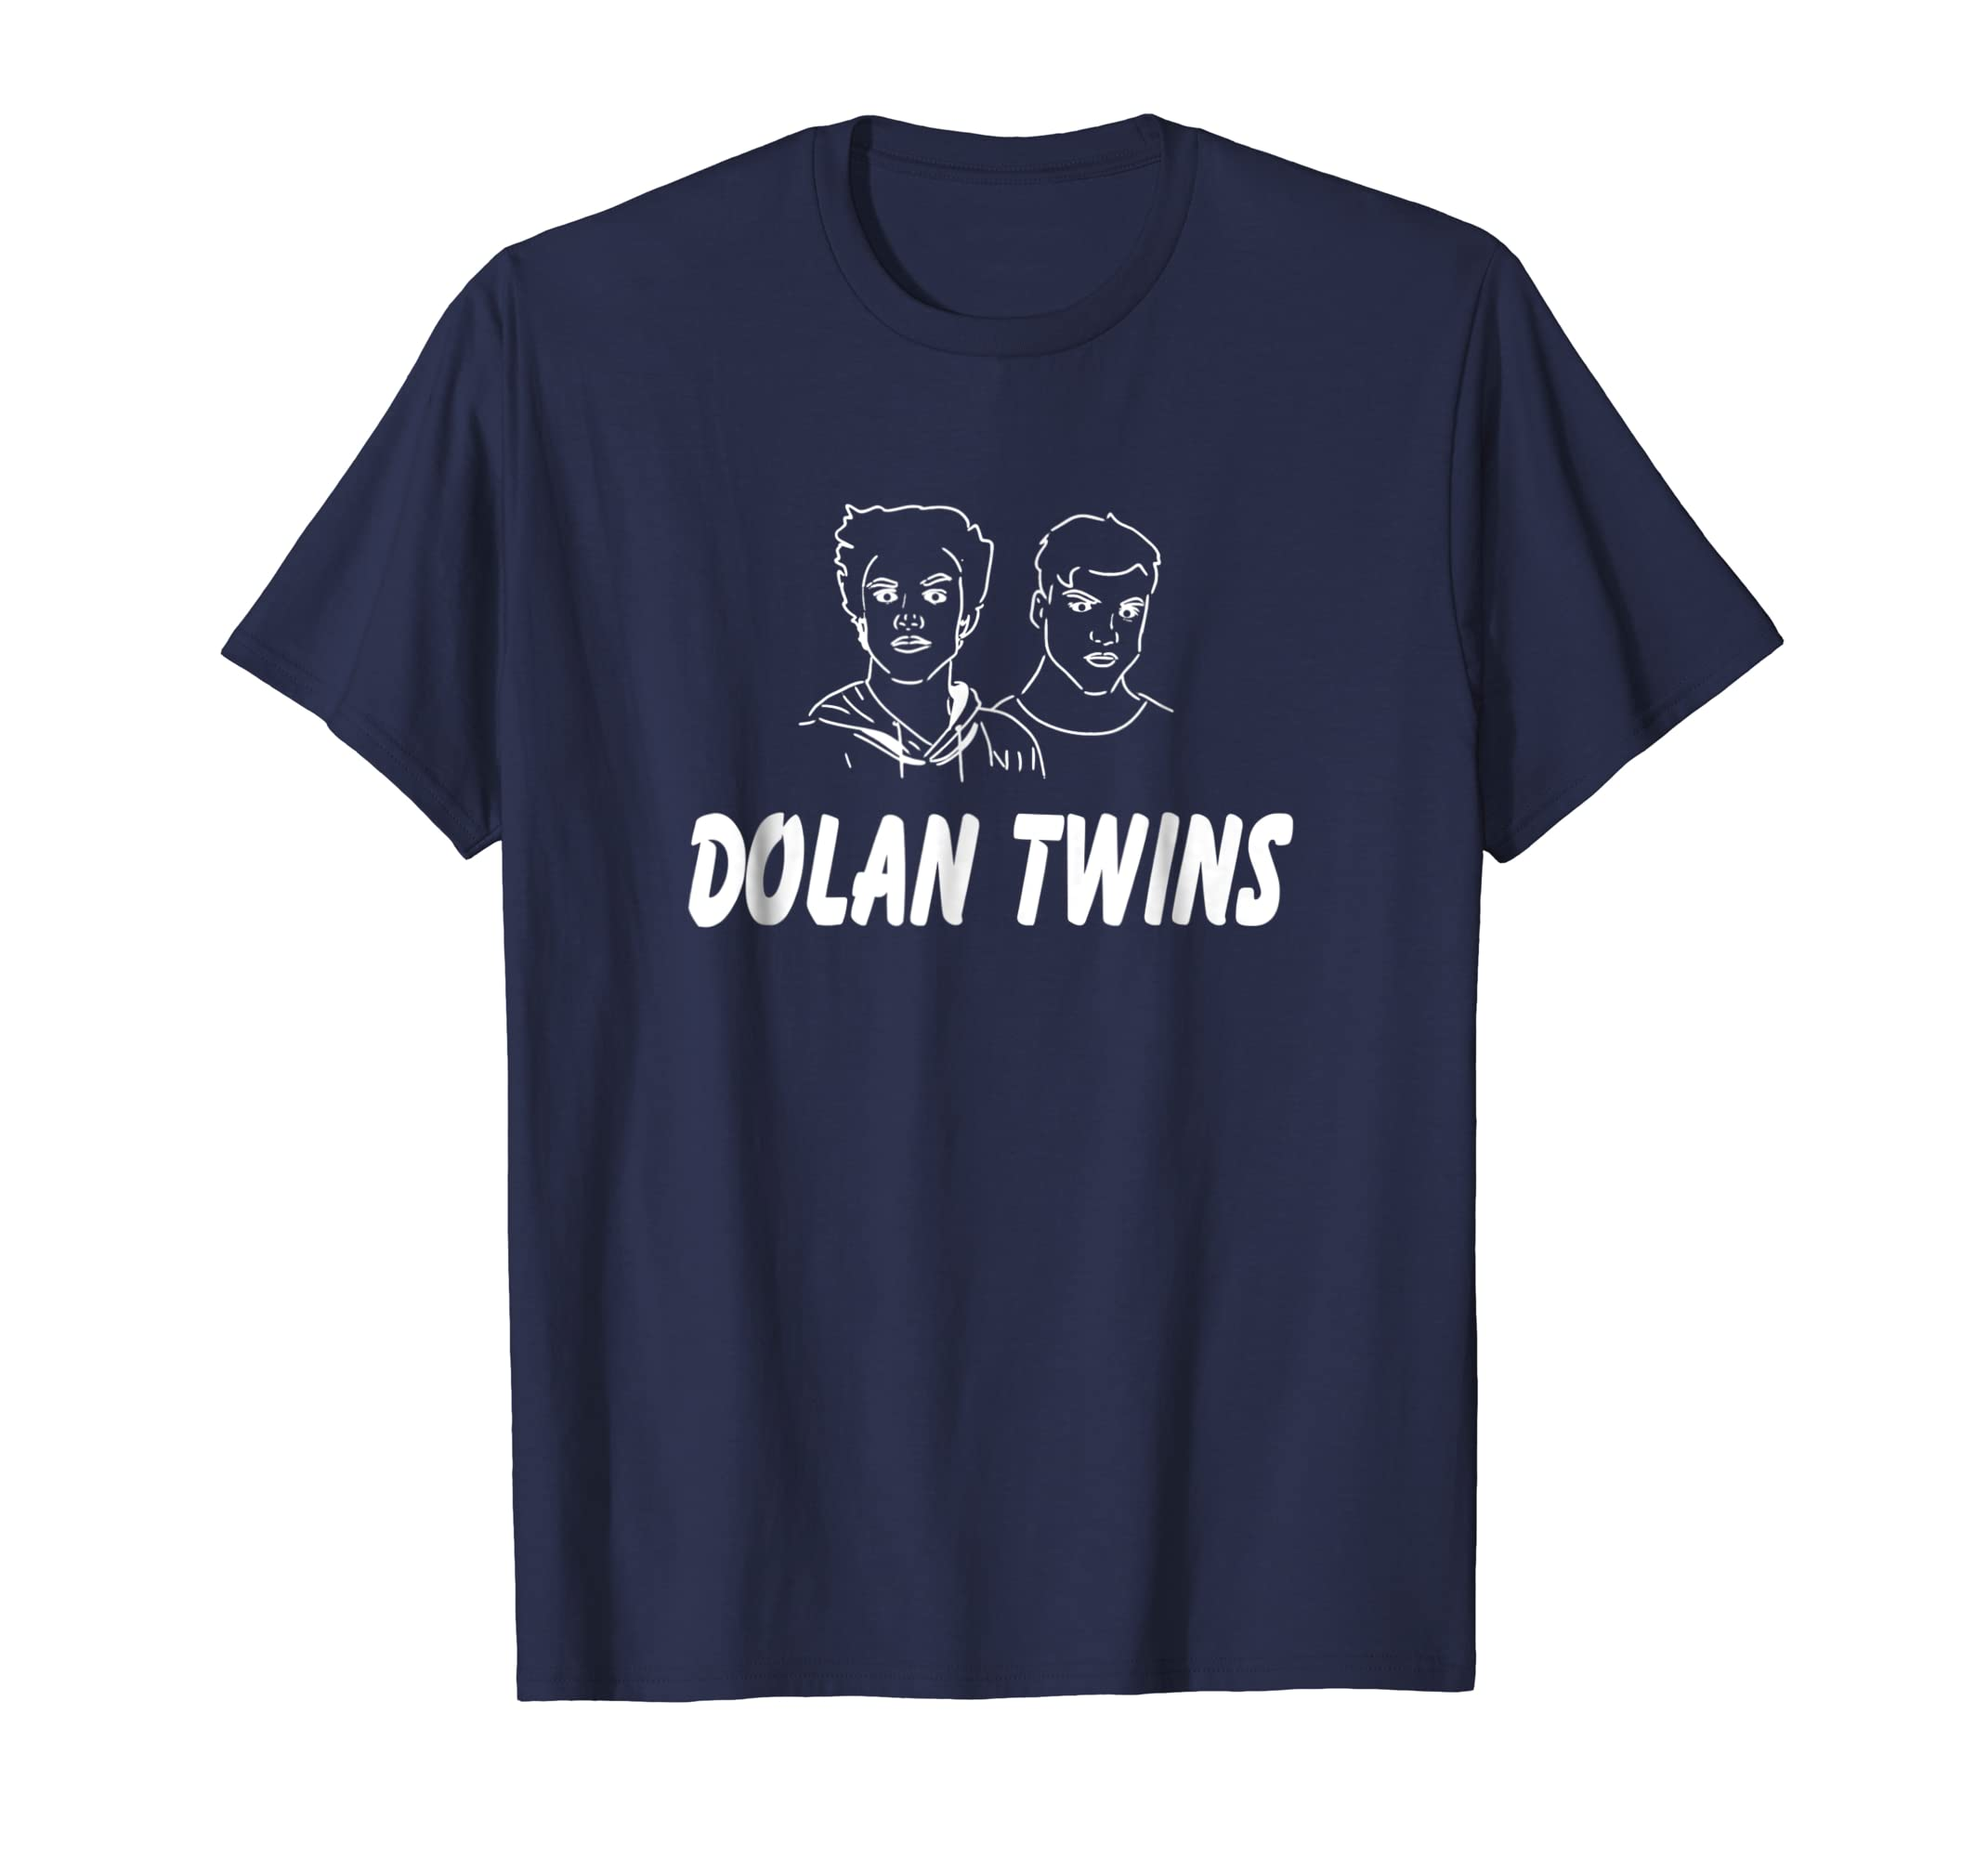 001d16e25 Dolan Twins Esquema blanco Funny Gift T Shirt-Teechatpro – Teechatpro.com